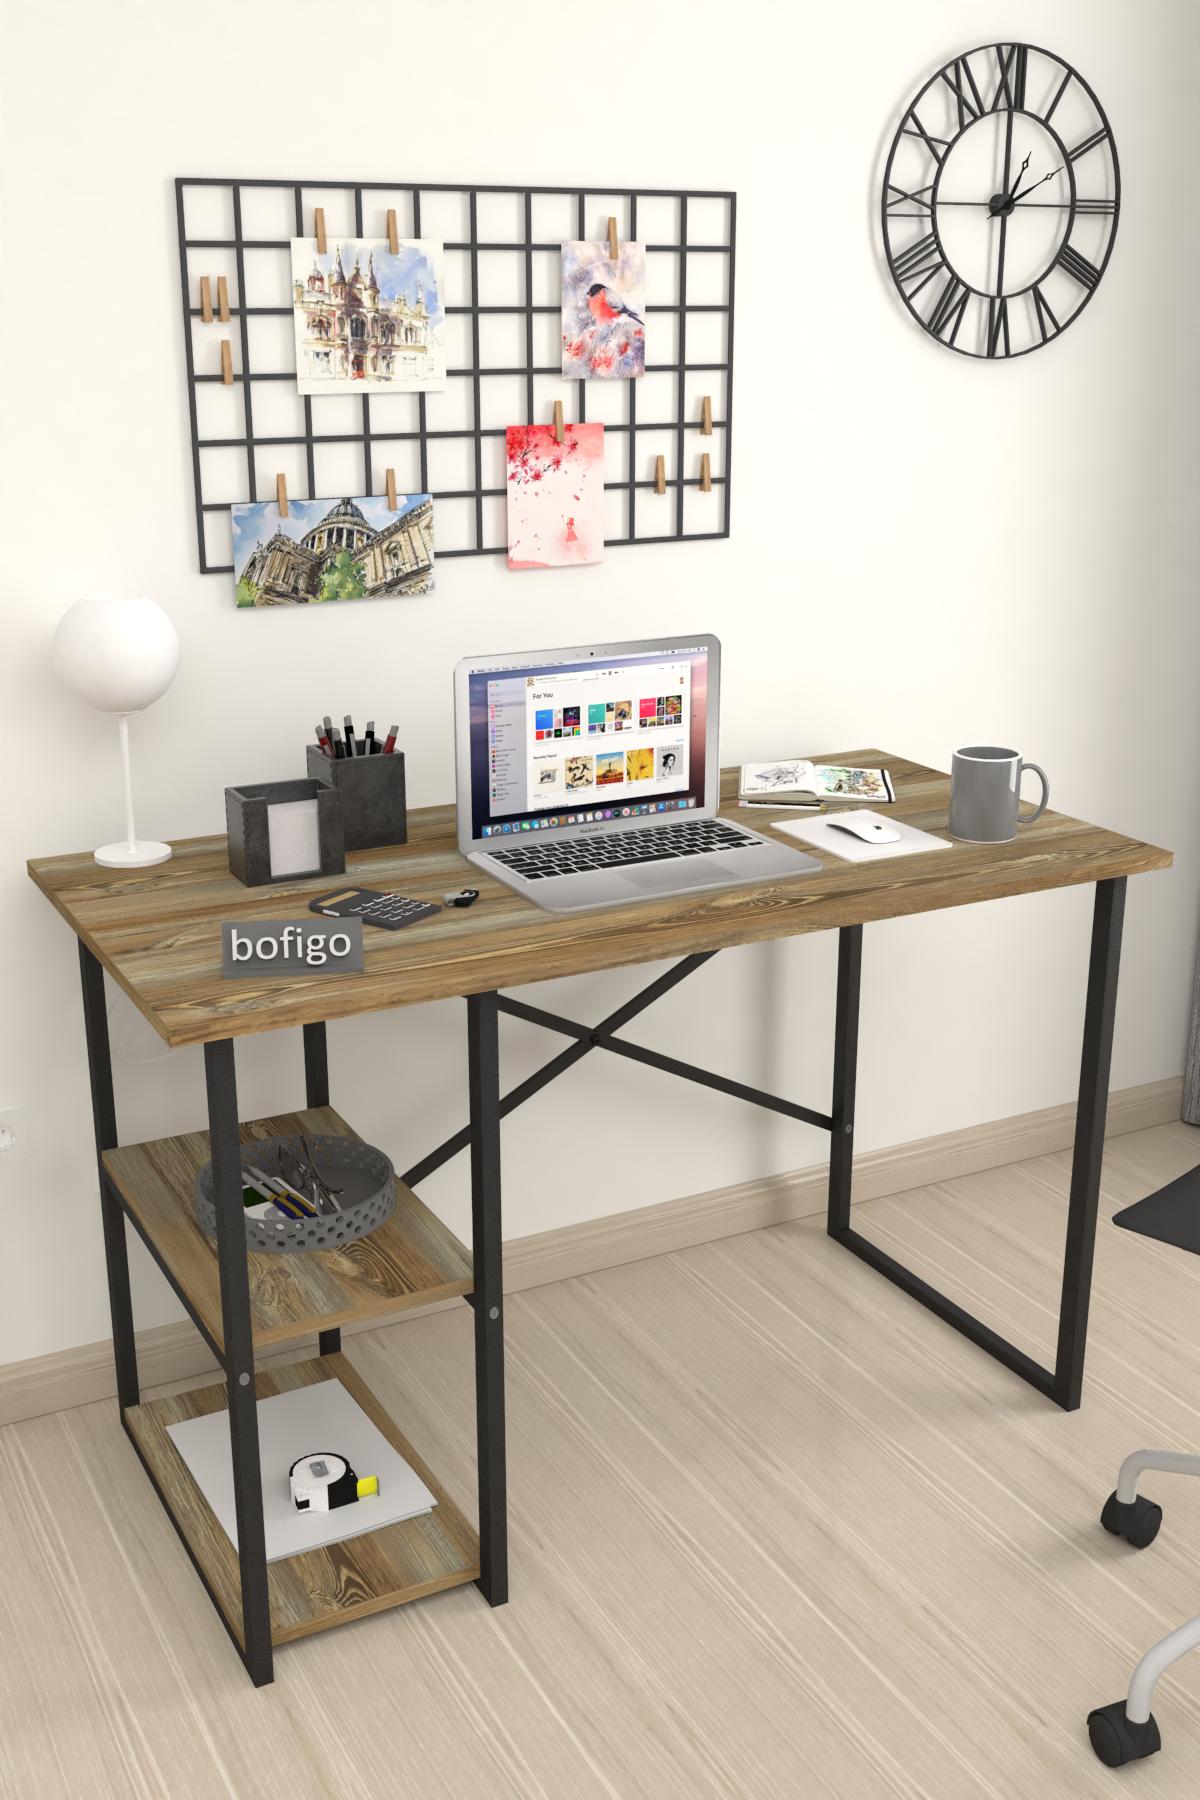 Bofigo 2 Shelf Desk 60x120 cm Patik